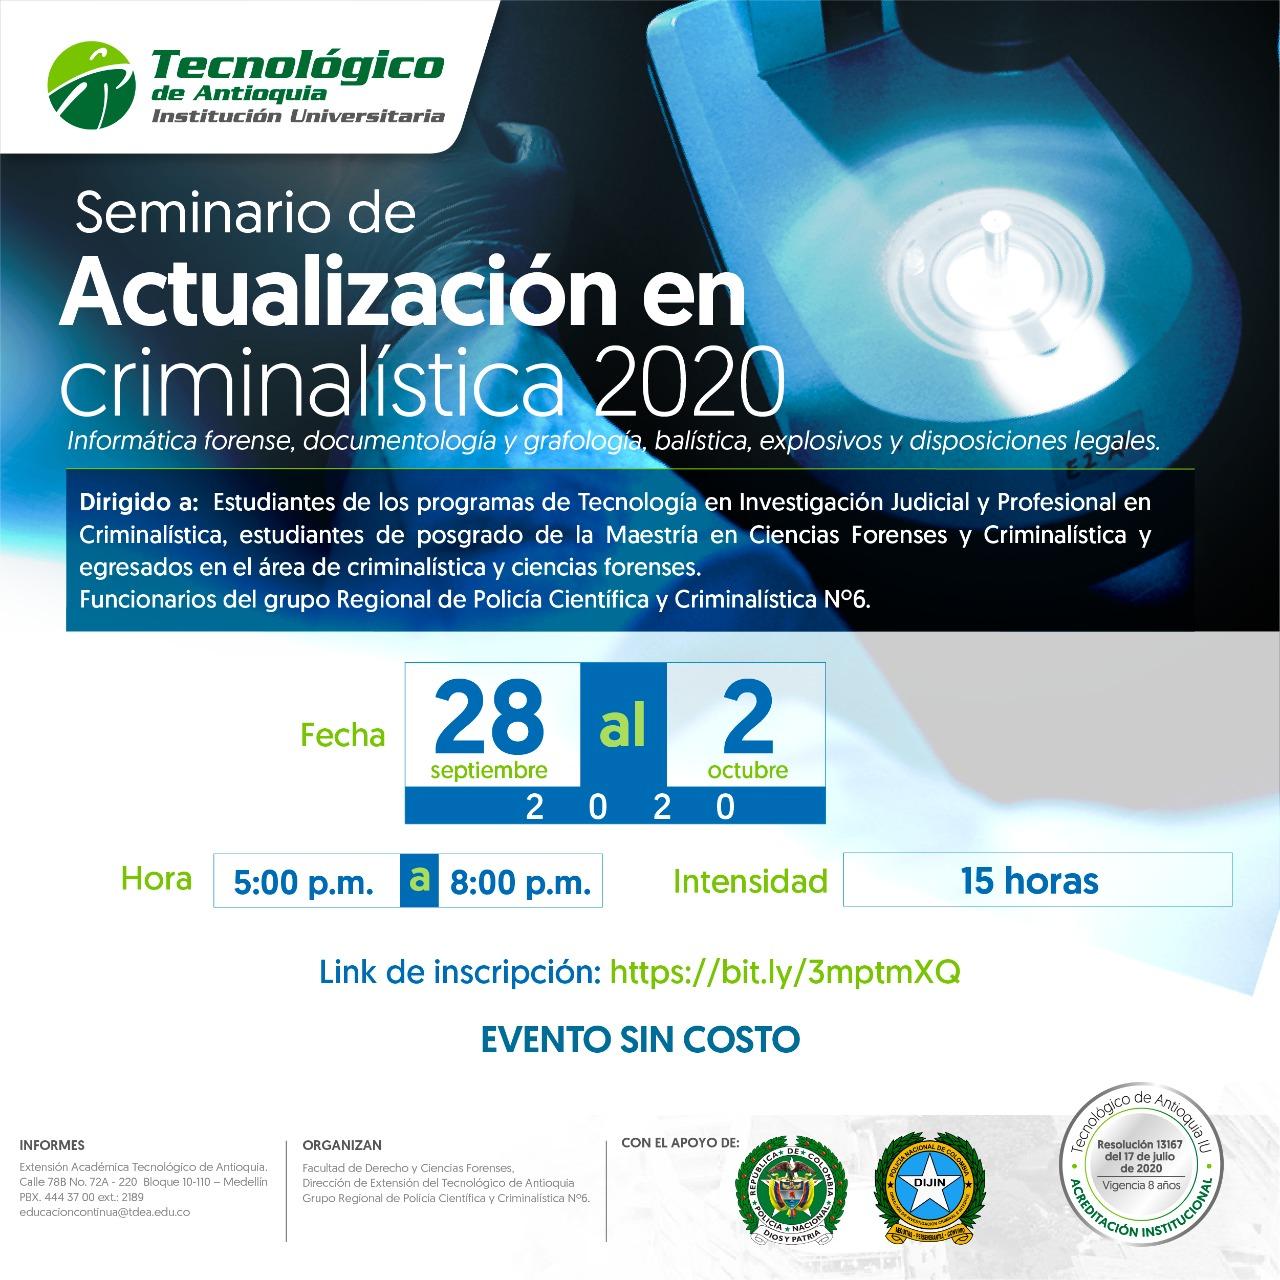 Seminario de actualización en criminalística 2020